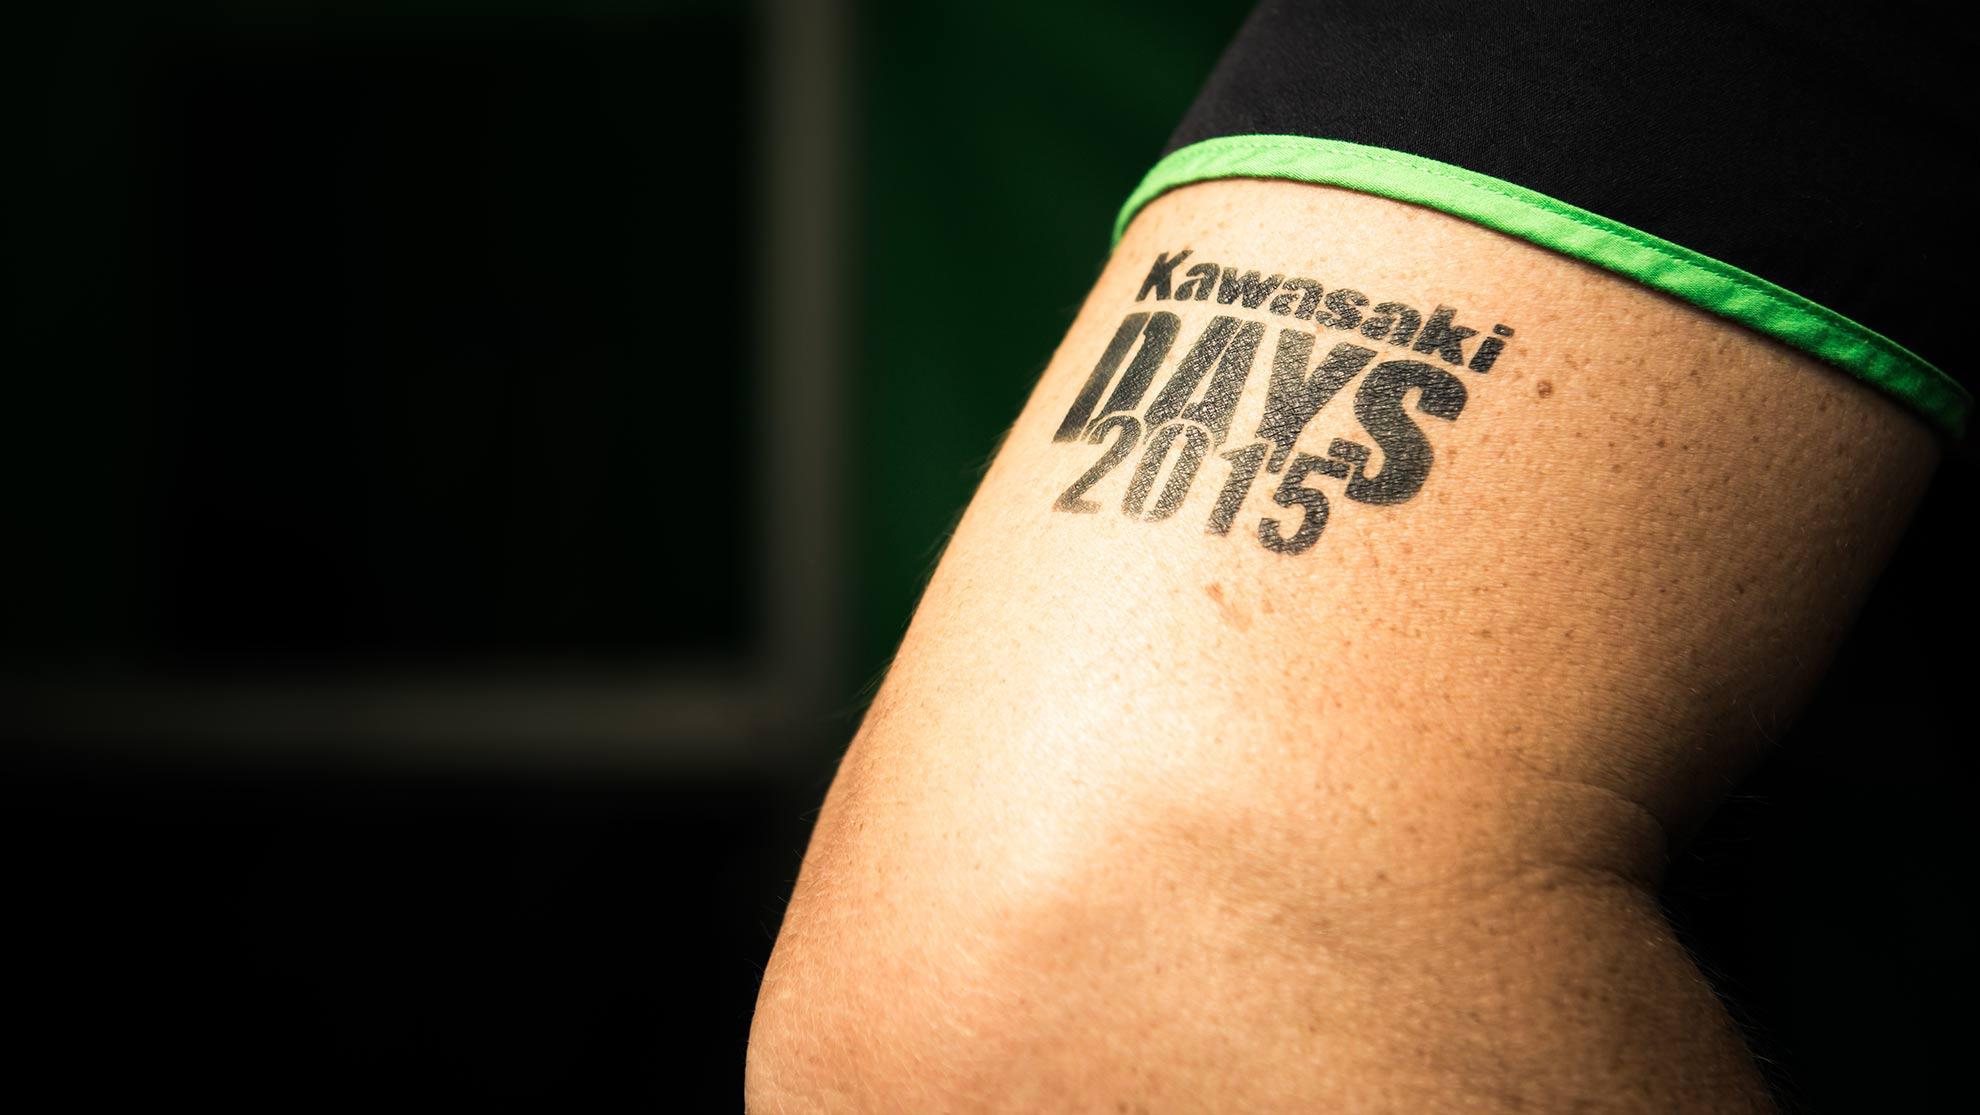 2015-kawa-days-0815_15h56m52s_Kawasaki-Days-2015